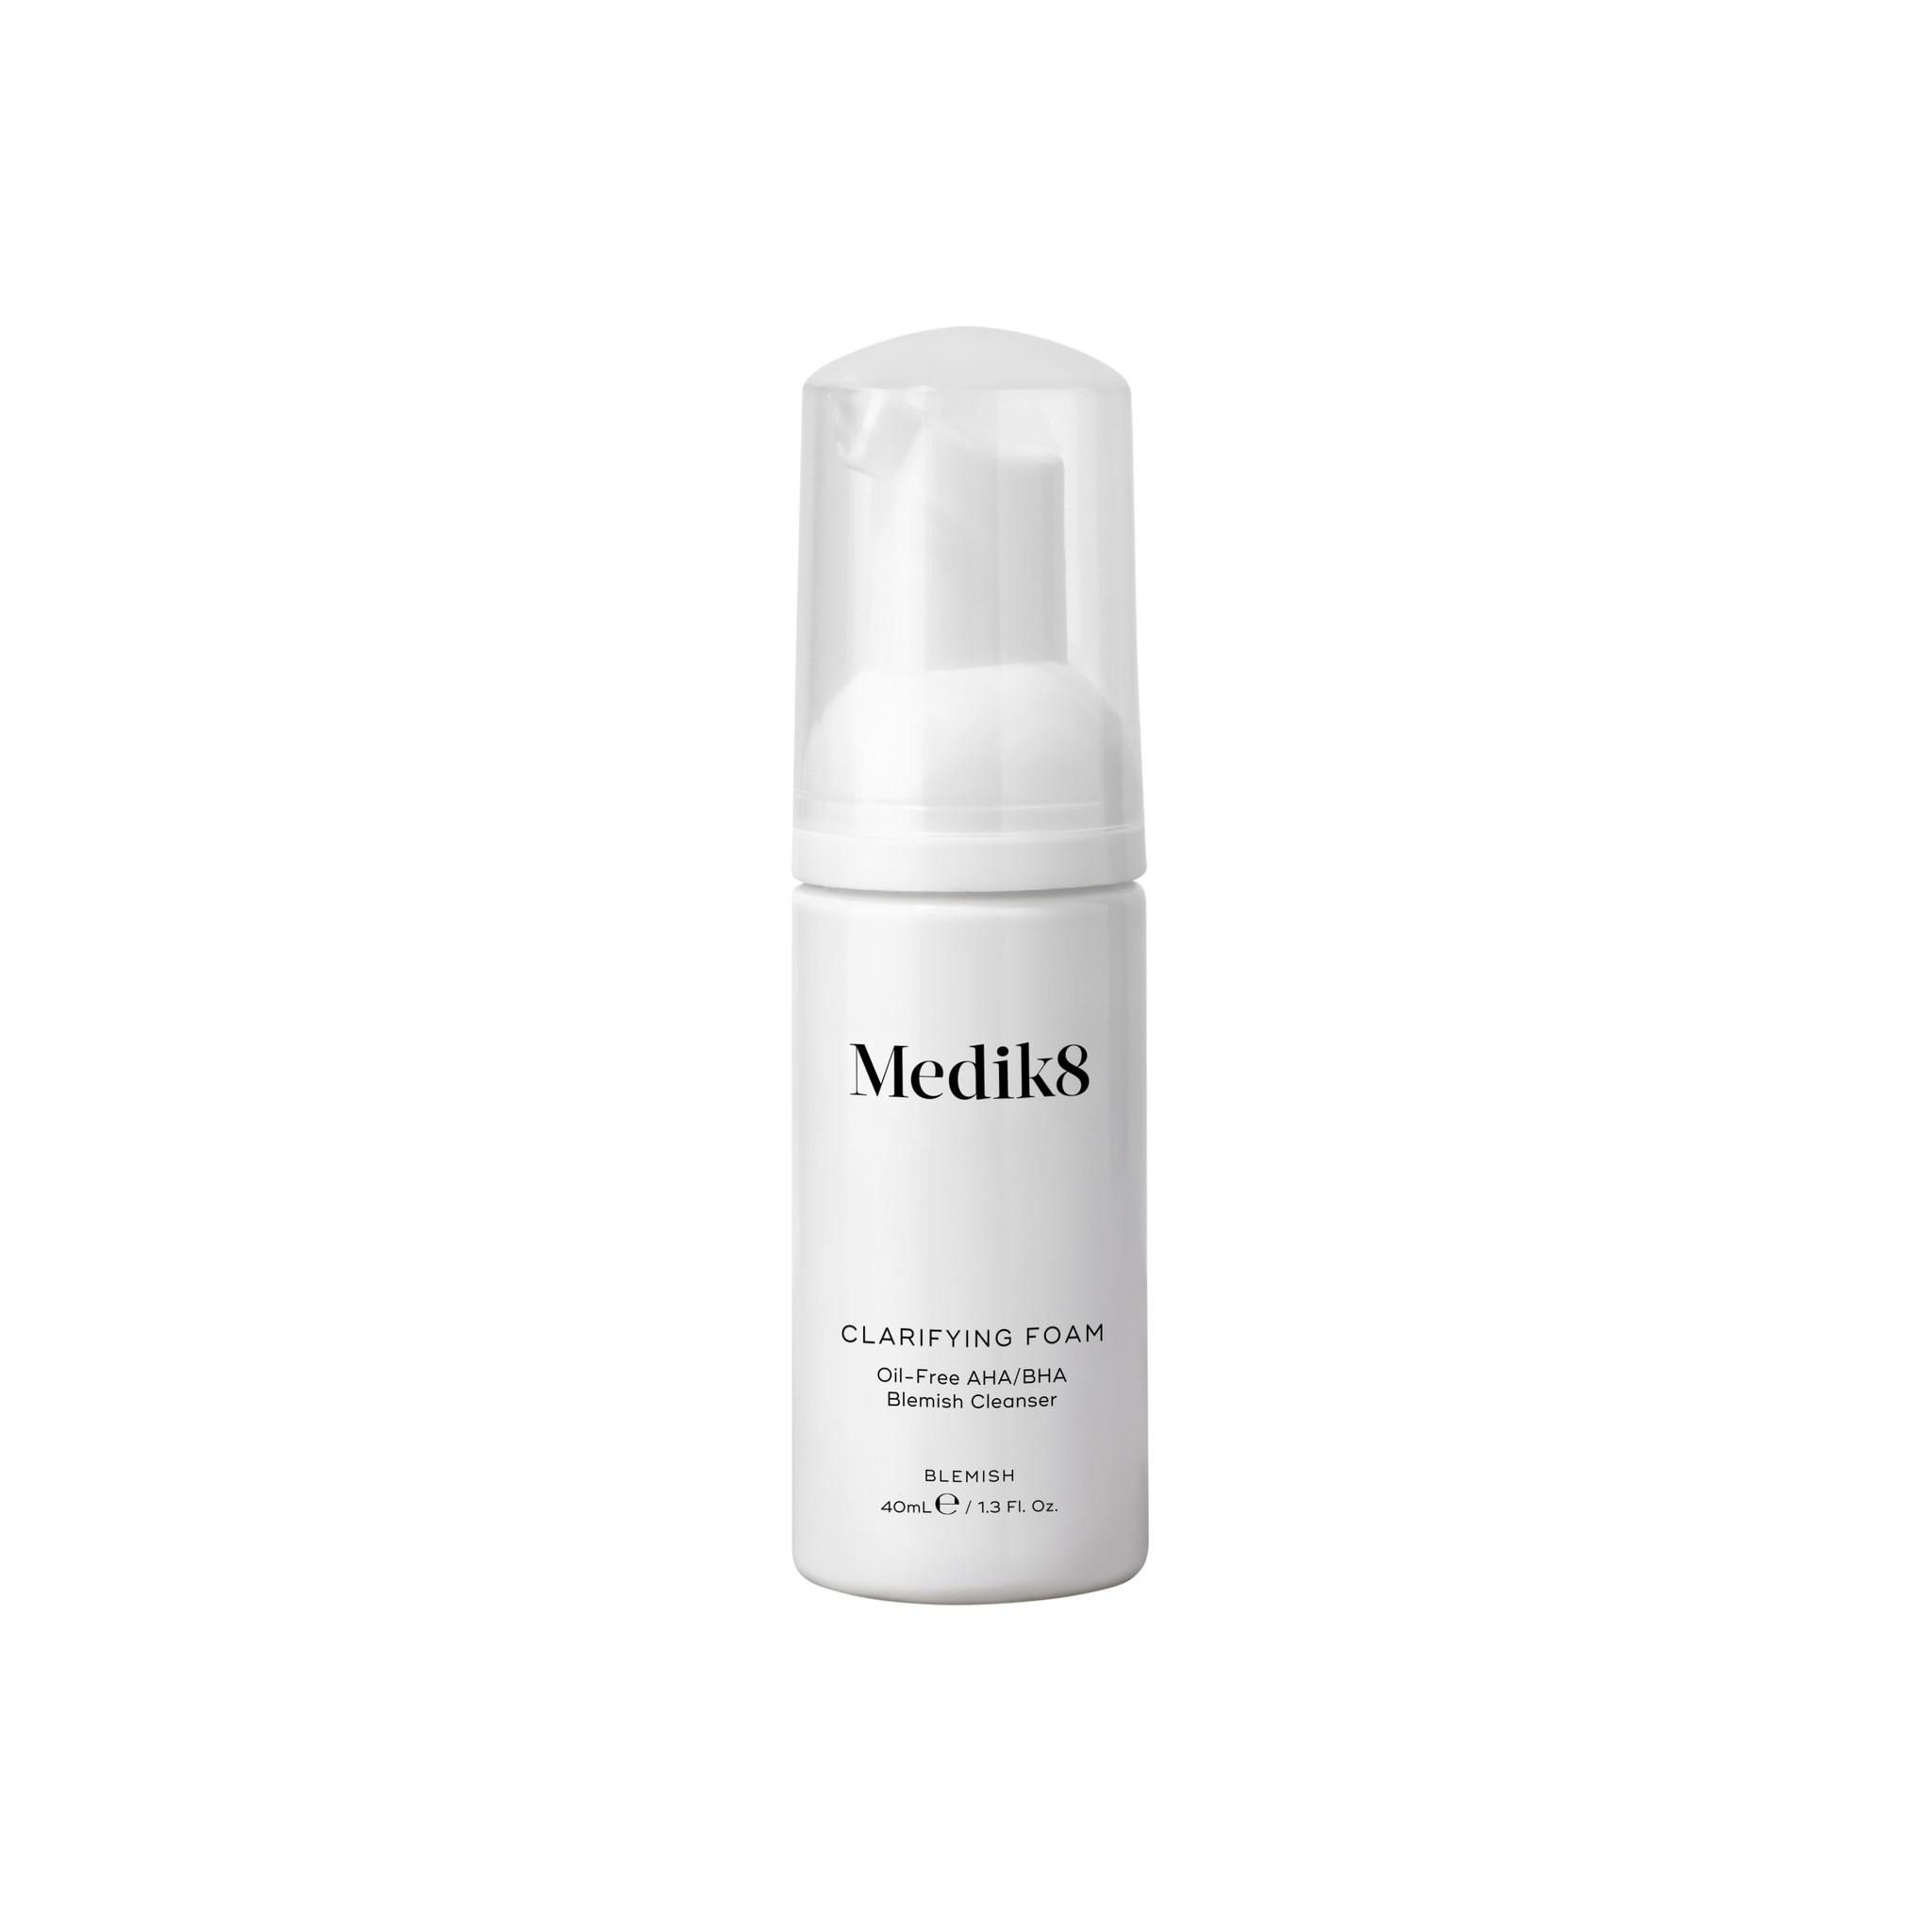 Medik8 Medik8 Gezichtsreiniger - Clarifying foam  40ml voor de vette en acne huid